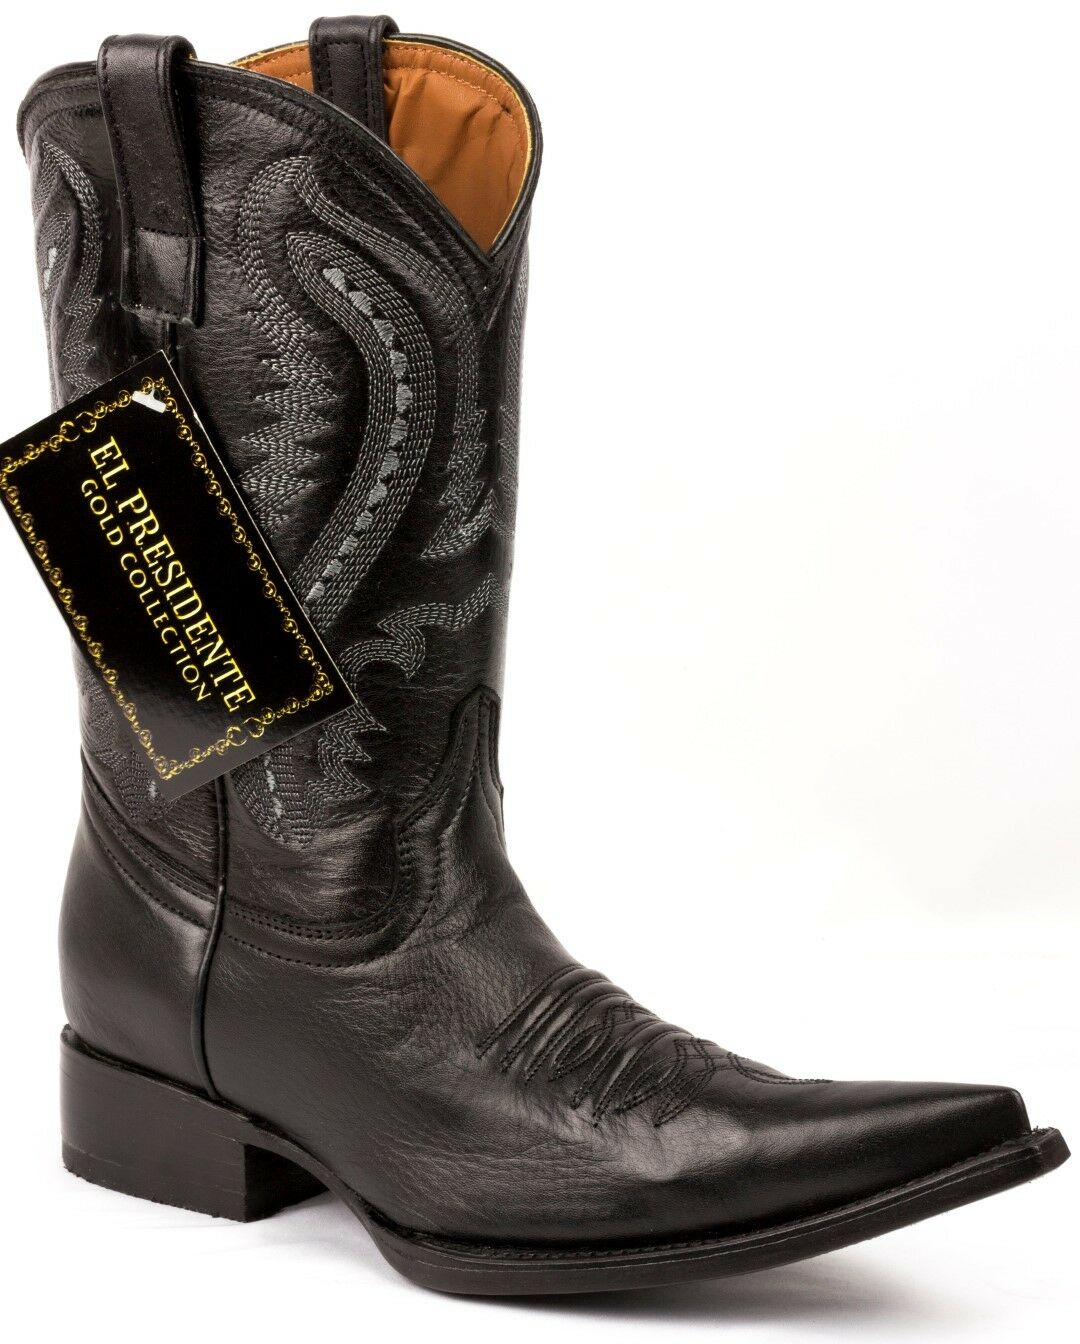 botas para mujer Occidental Vaquera Negro Suave Cuero Liso Liso Liso Puntera 3X Talla 5  Envío rápido y el mejor servicio